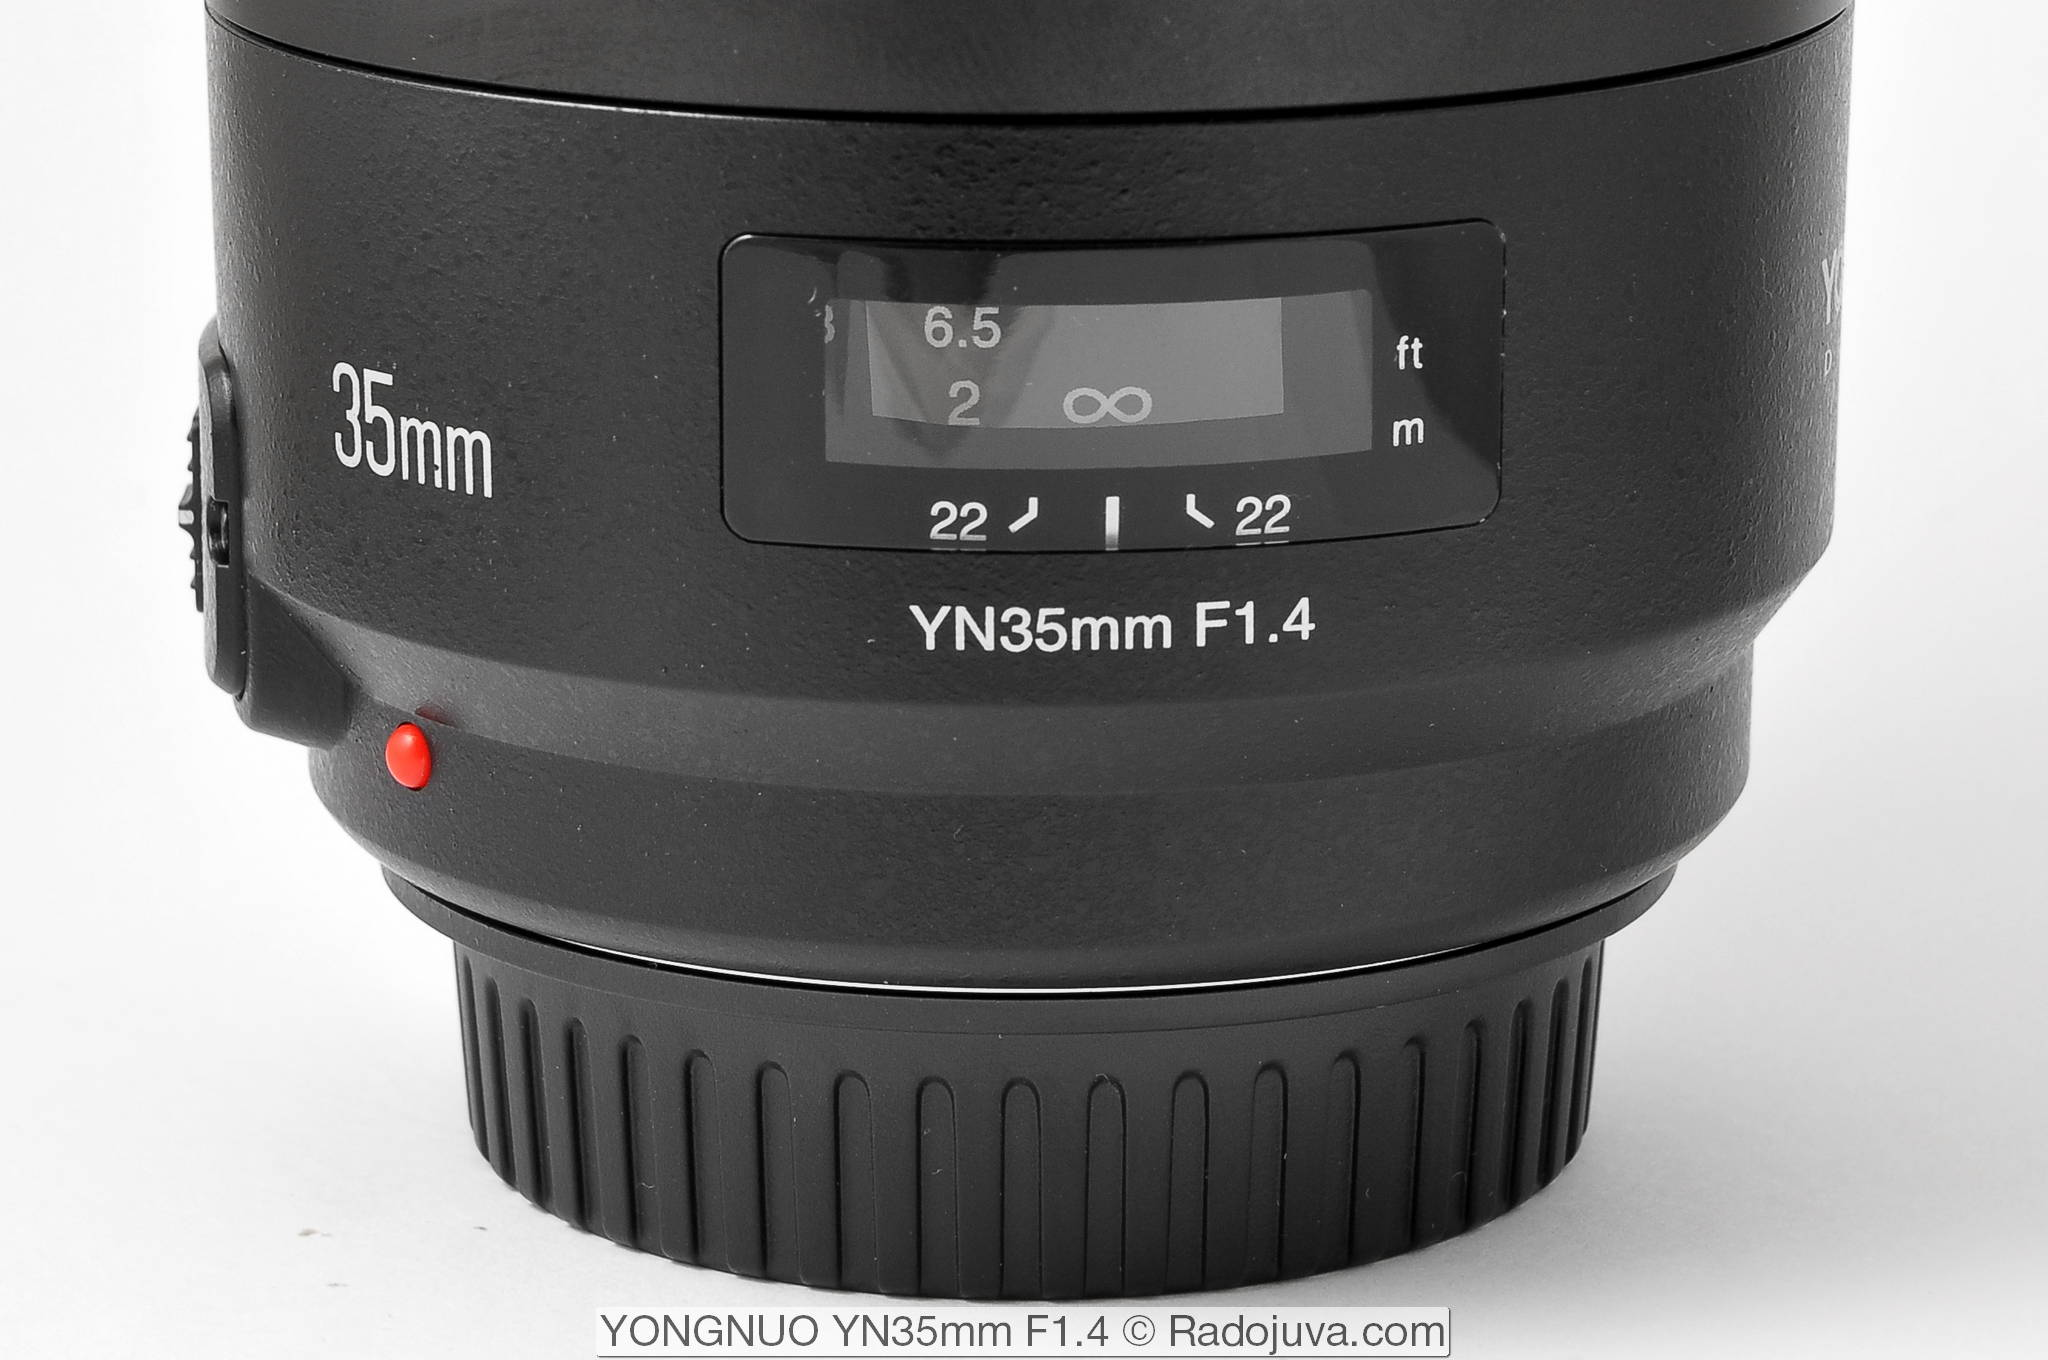 YONGNUO YN35mm F1.4